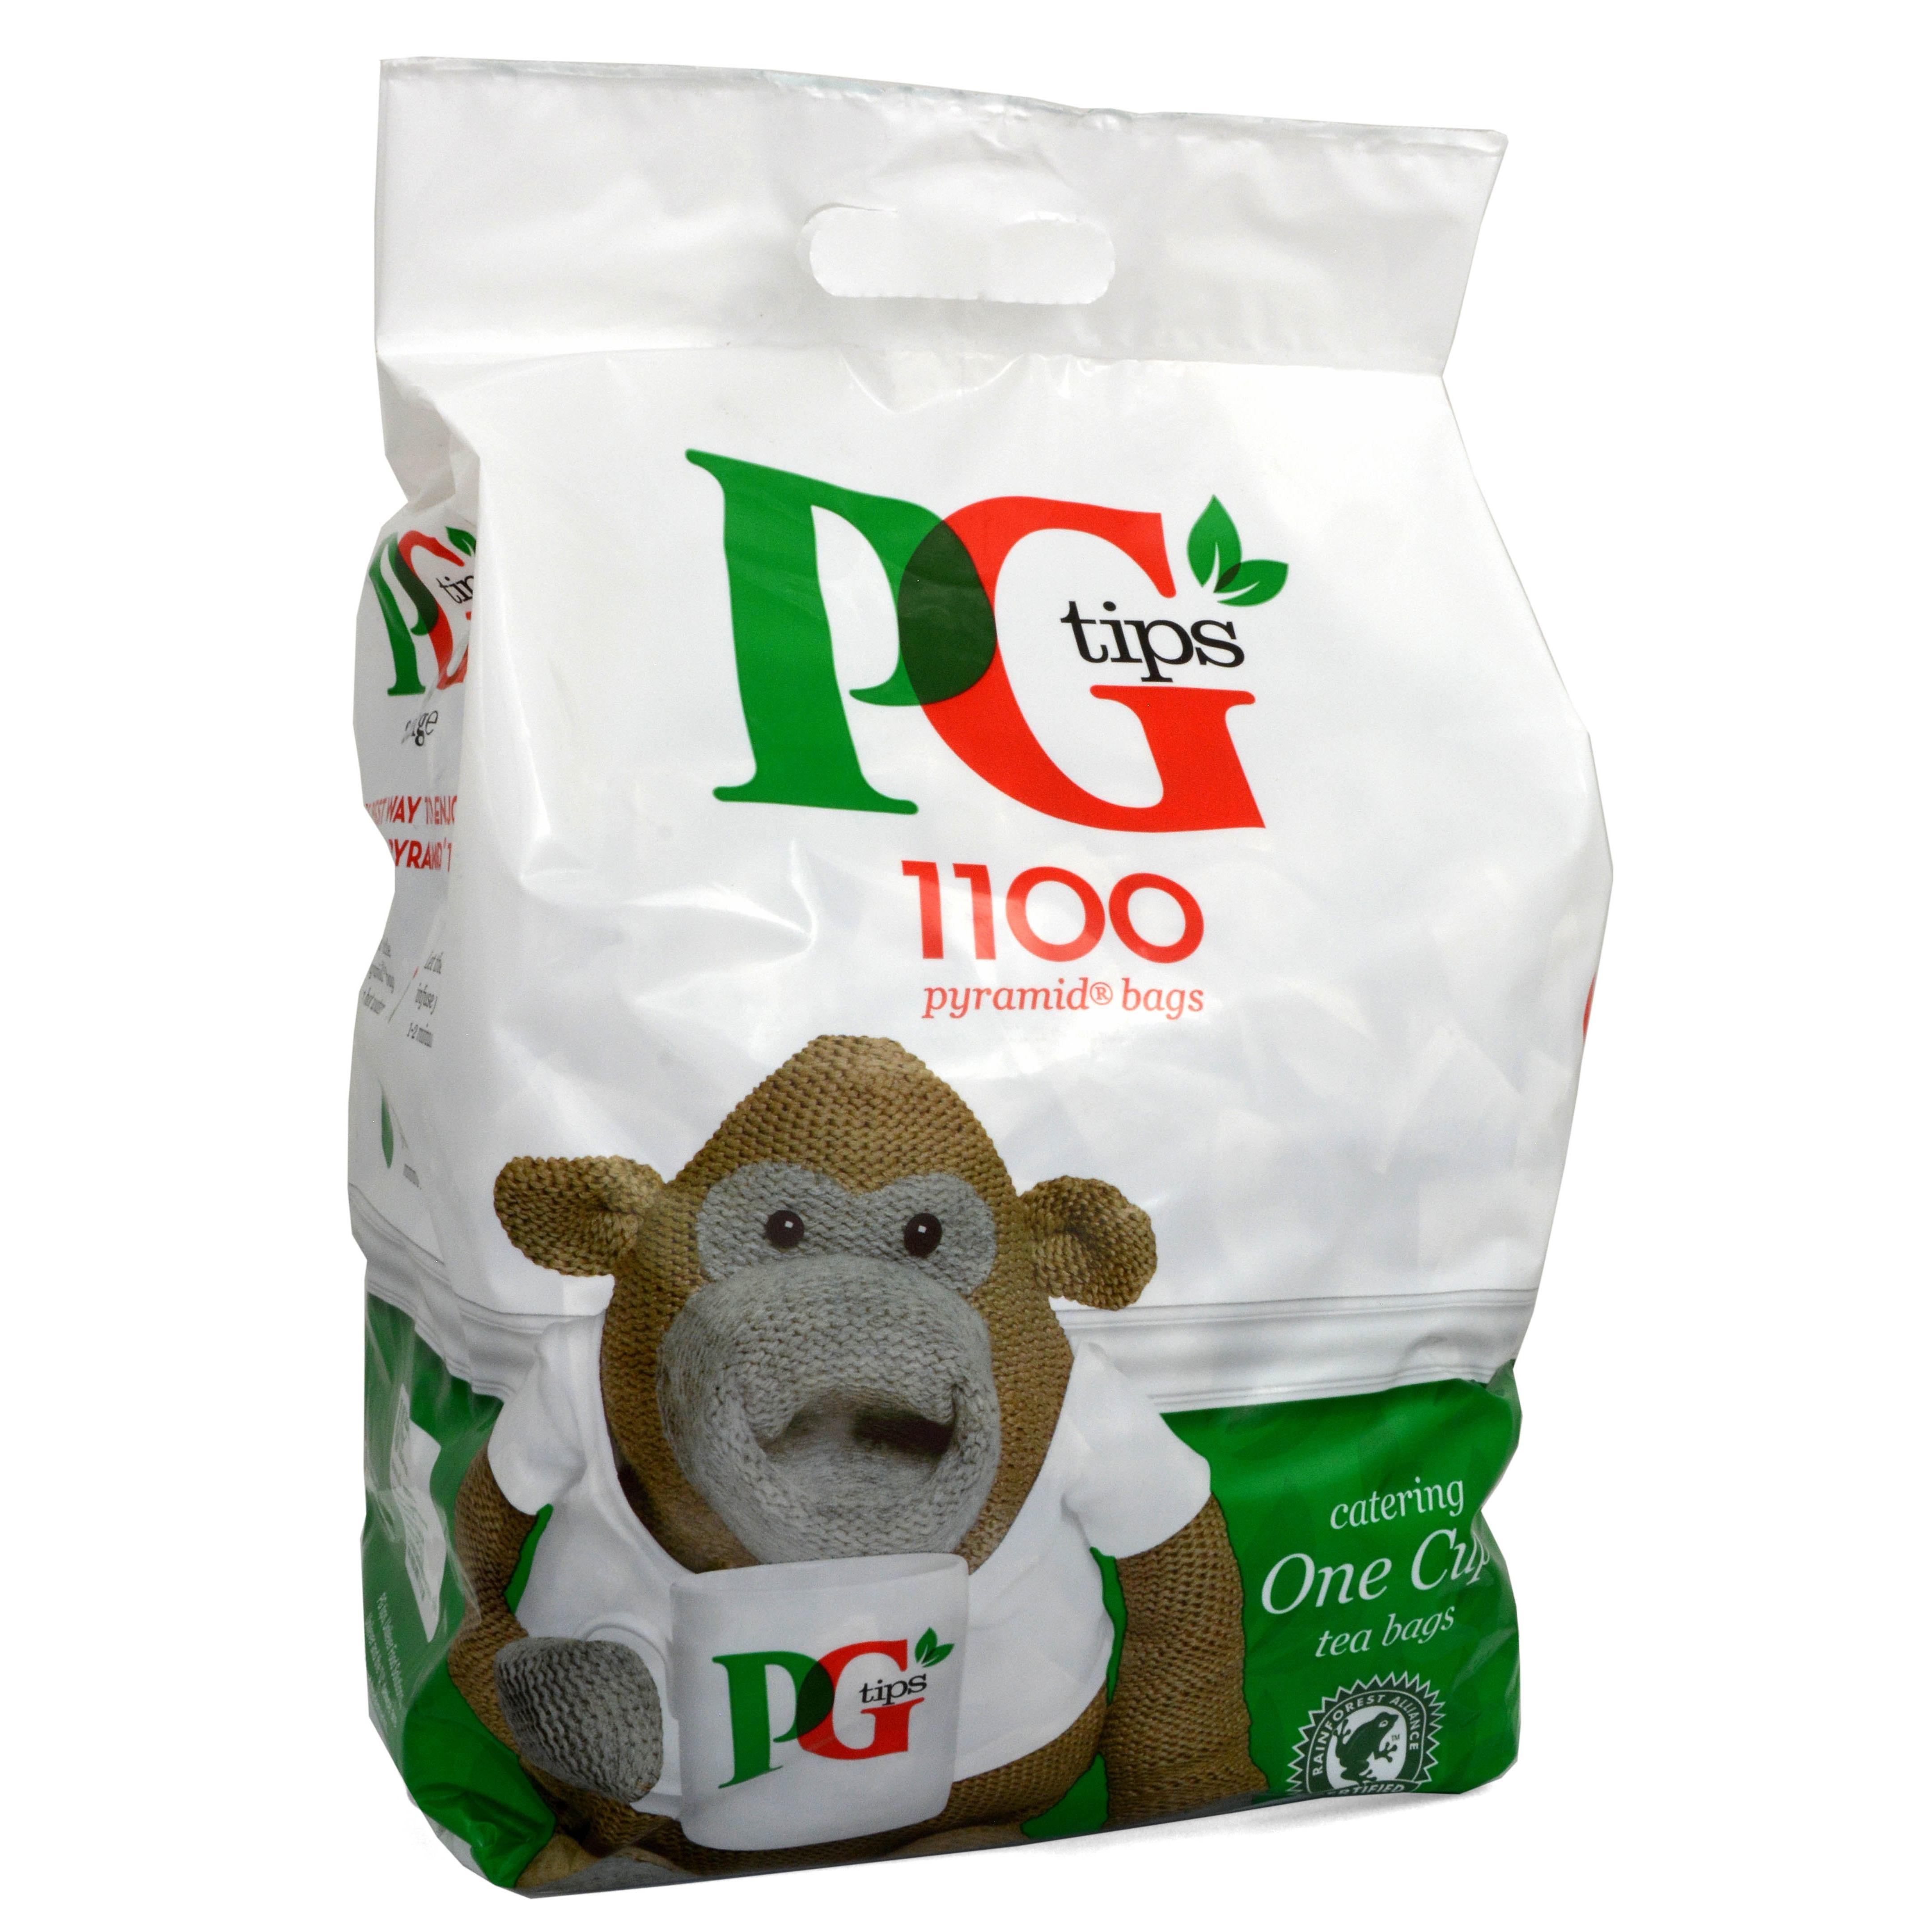 PG Tips Tee 1100 Tassen-Teebeutel - 2200 g - Schwarztee in Teebeuteln